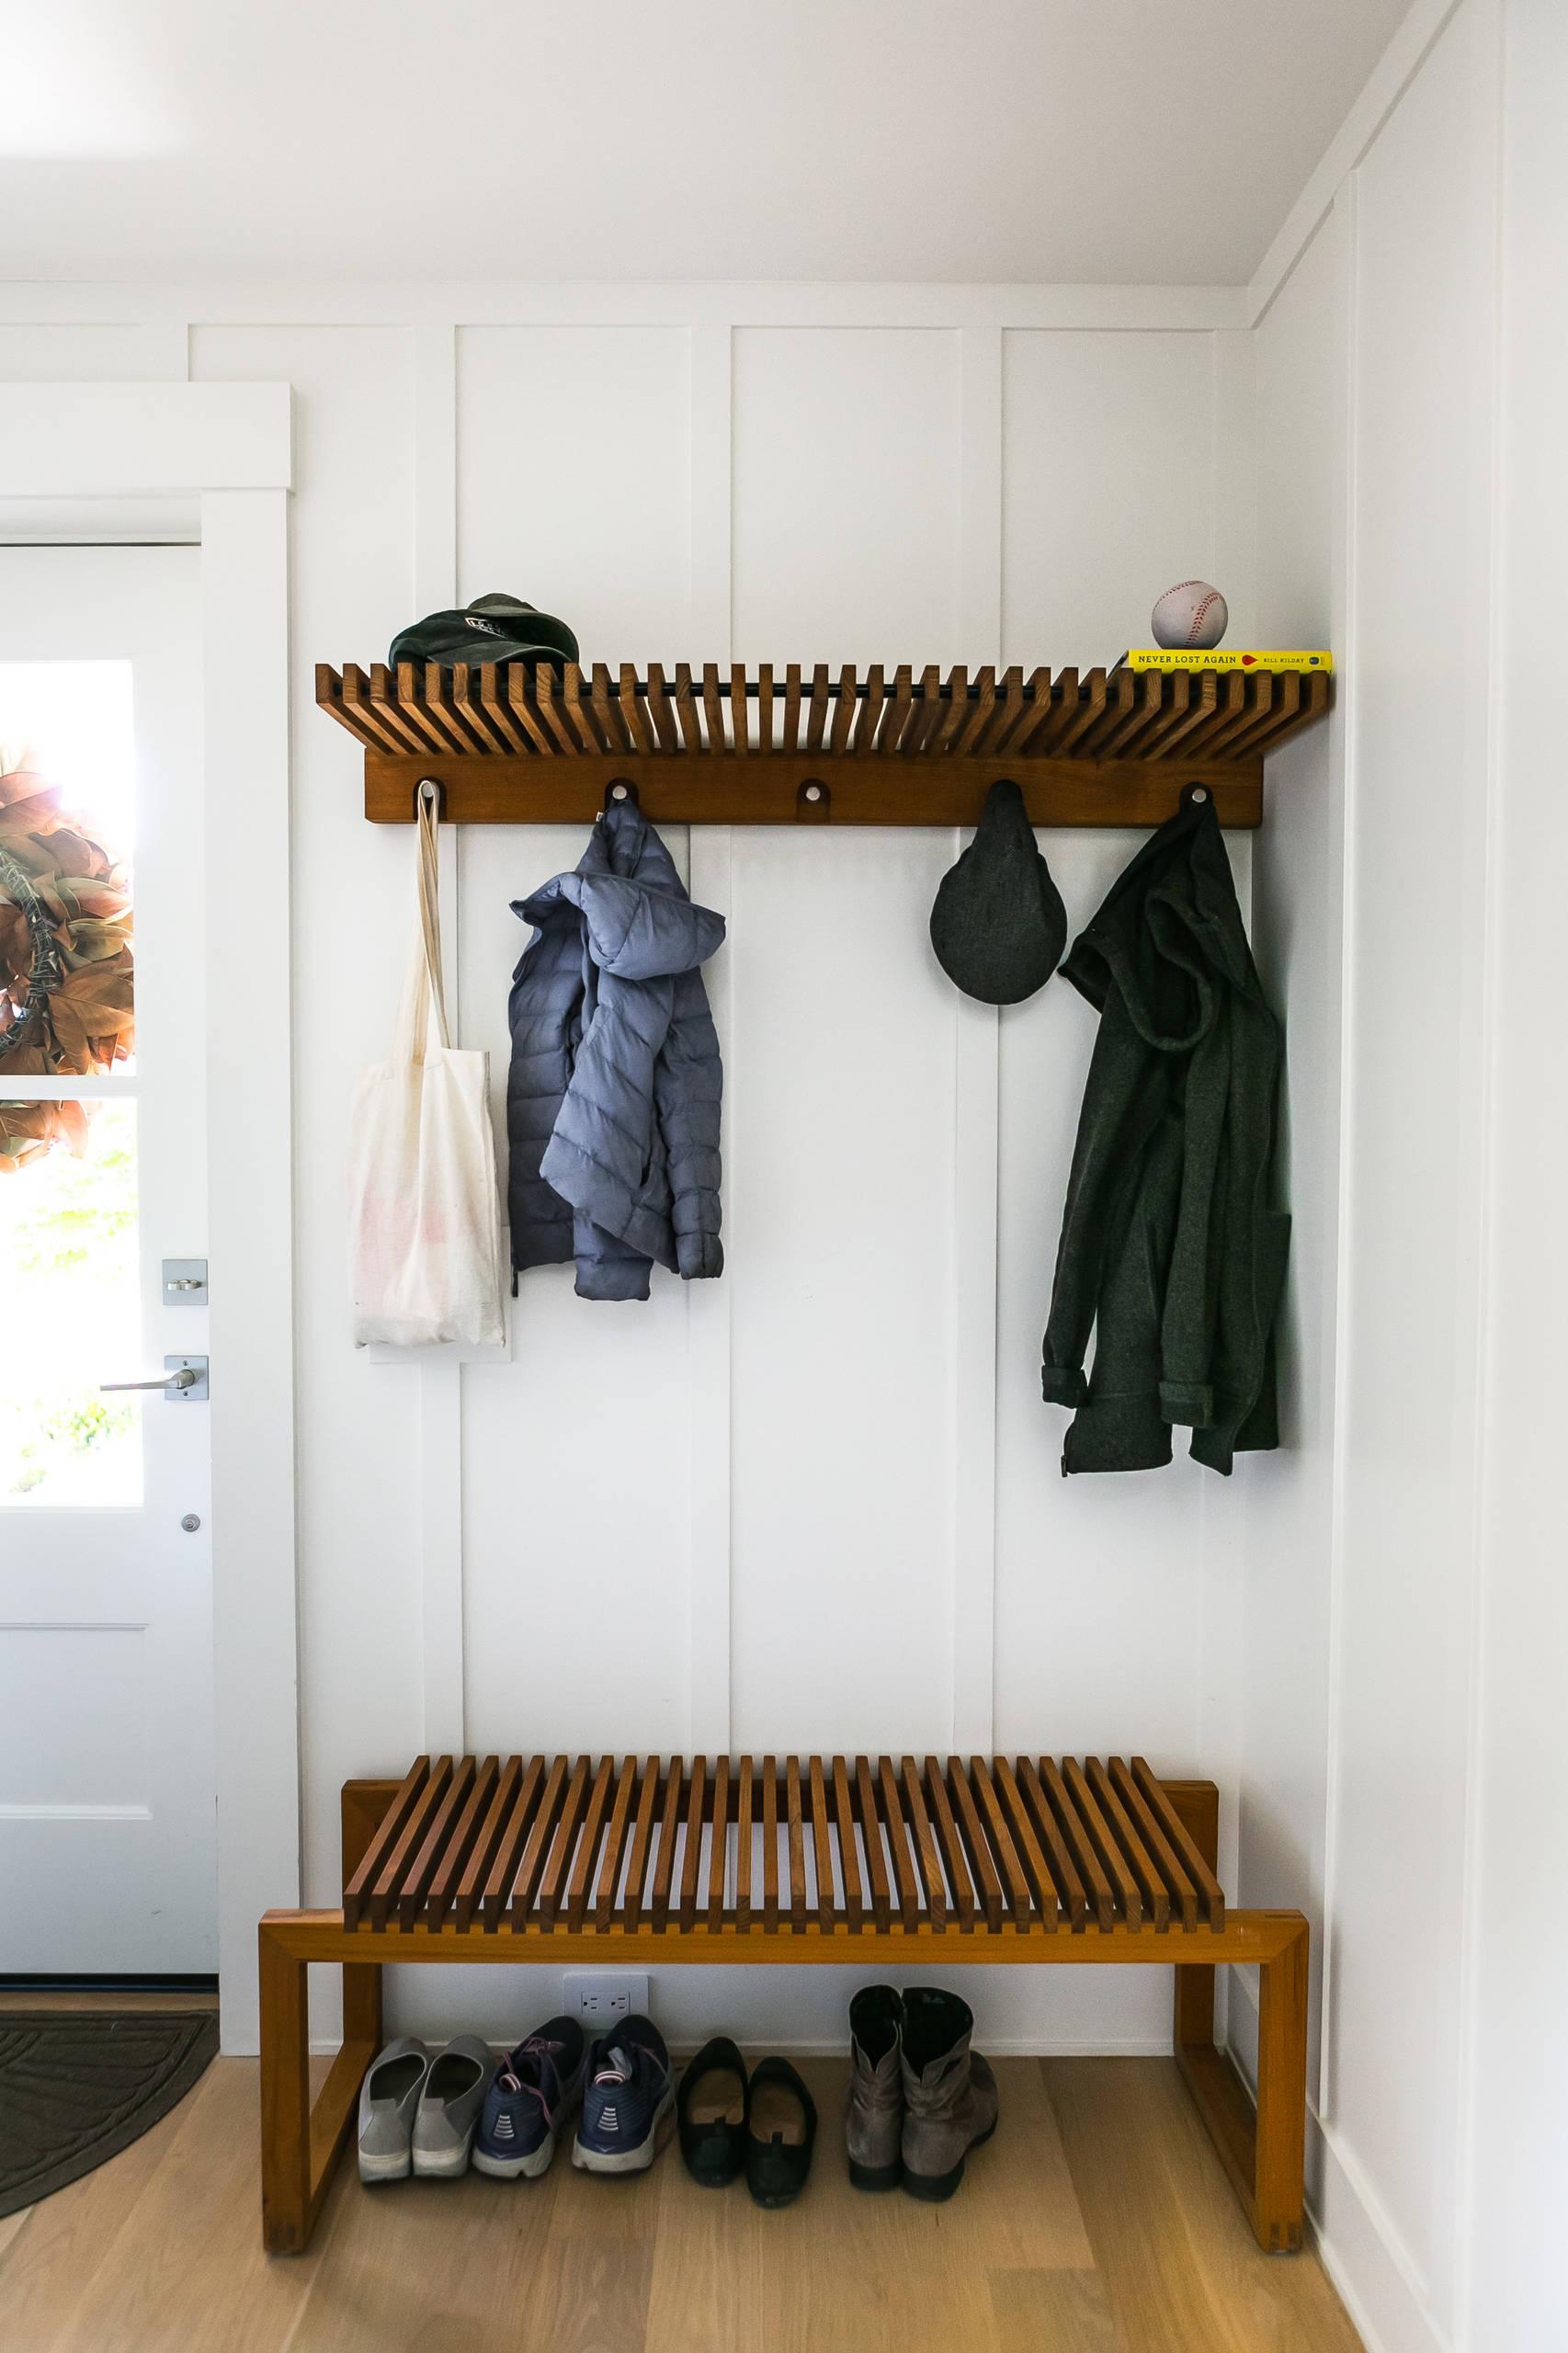 Functional Coat Rack with Floating Shelf